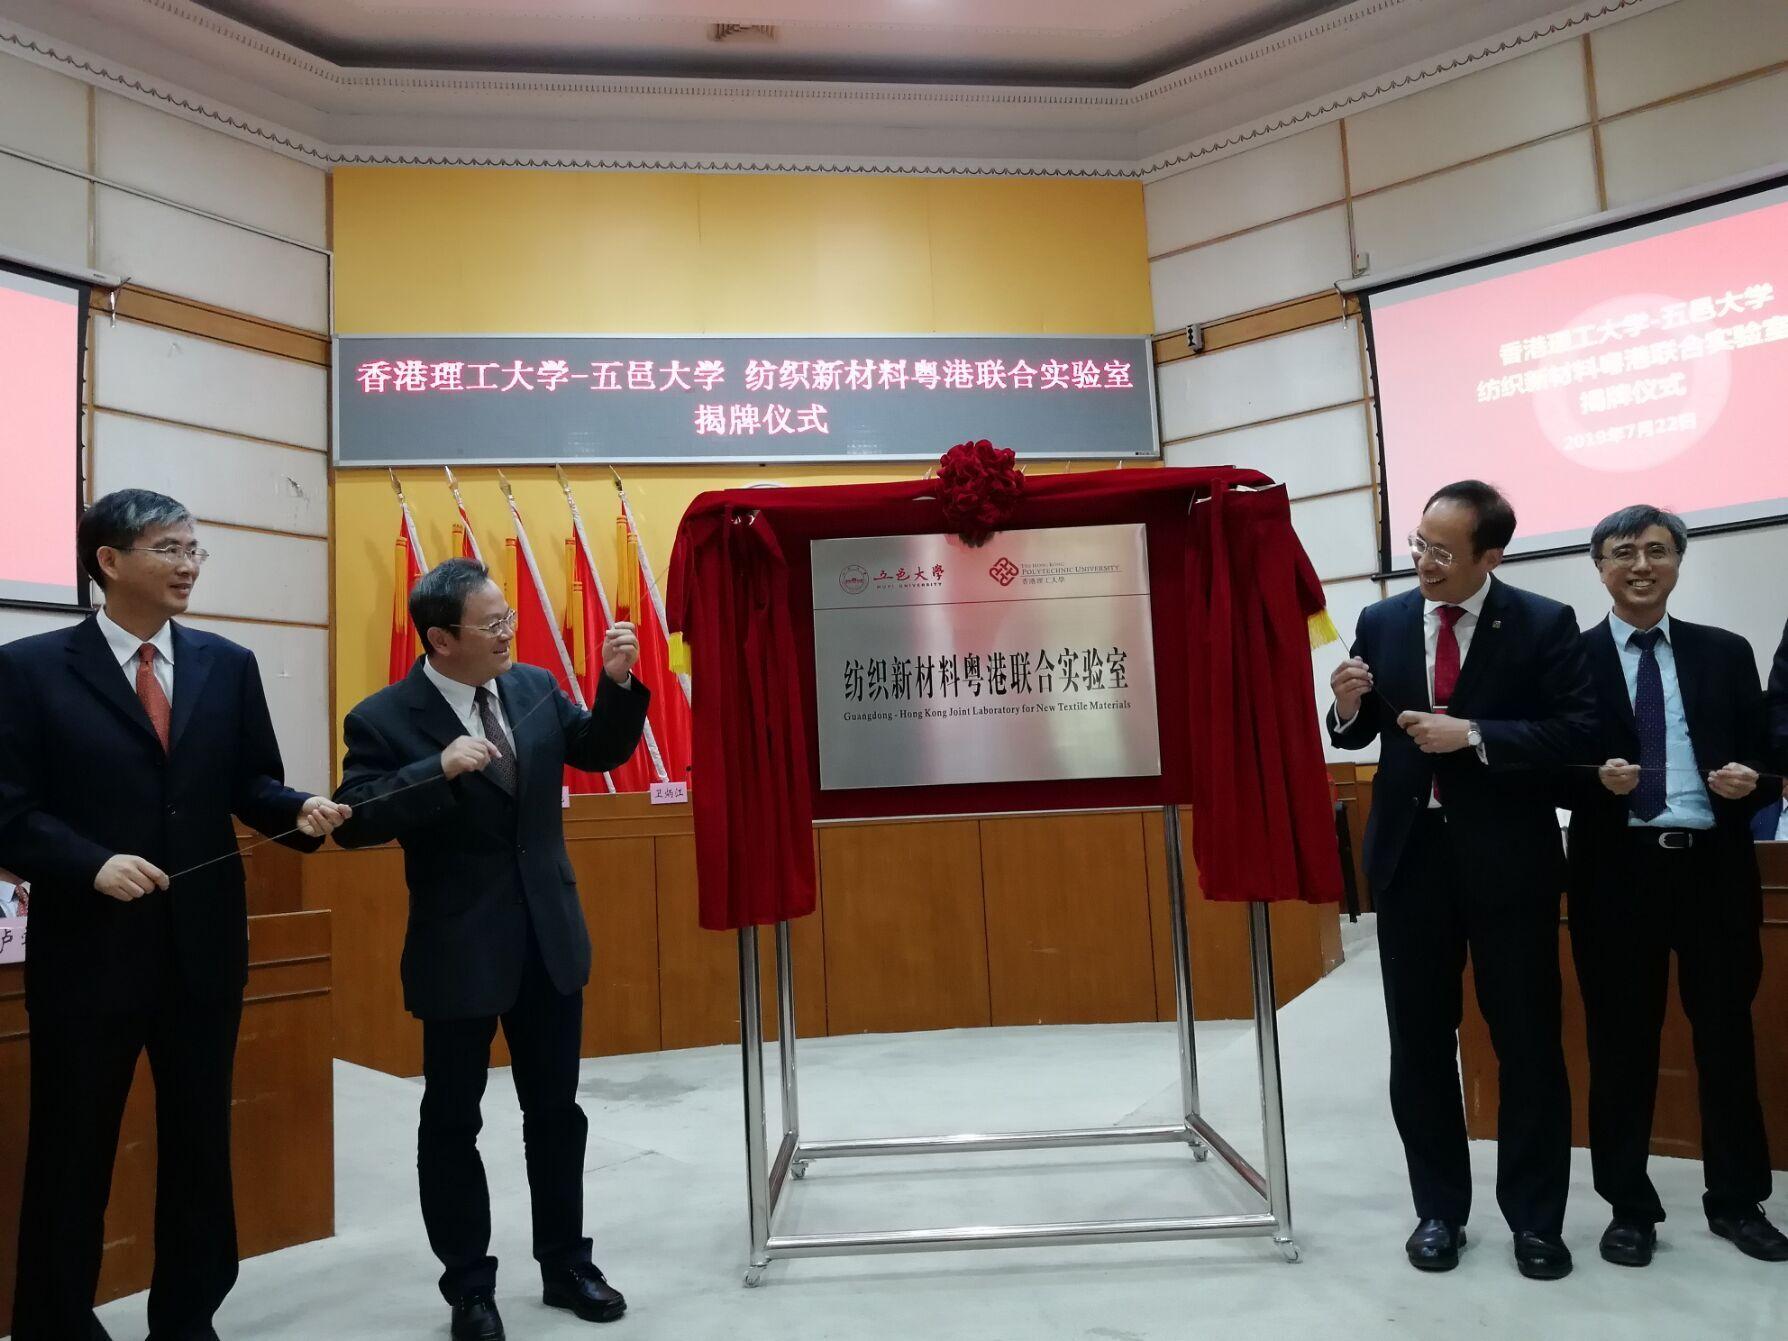 五邑大学与香港理工大学共建纺织新材料粤港联合实验室